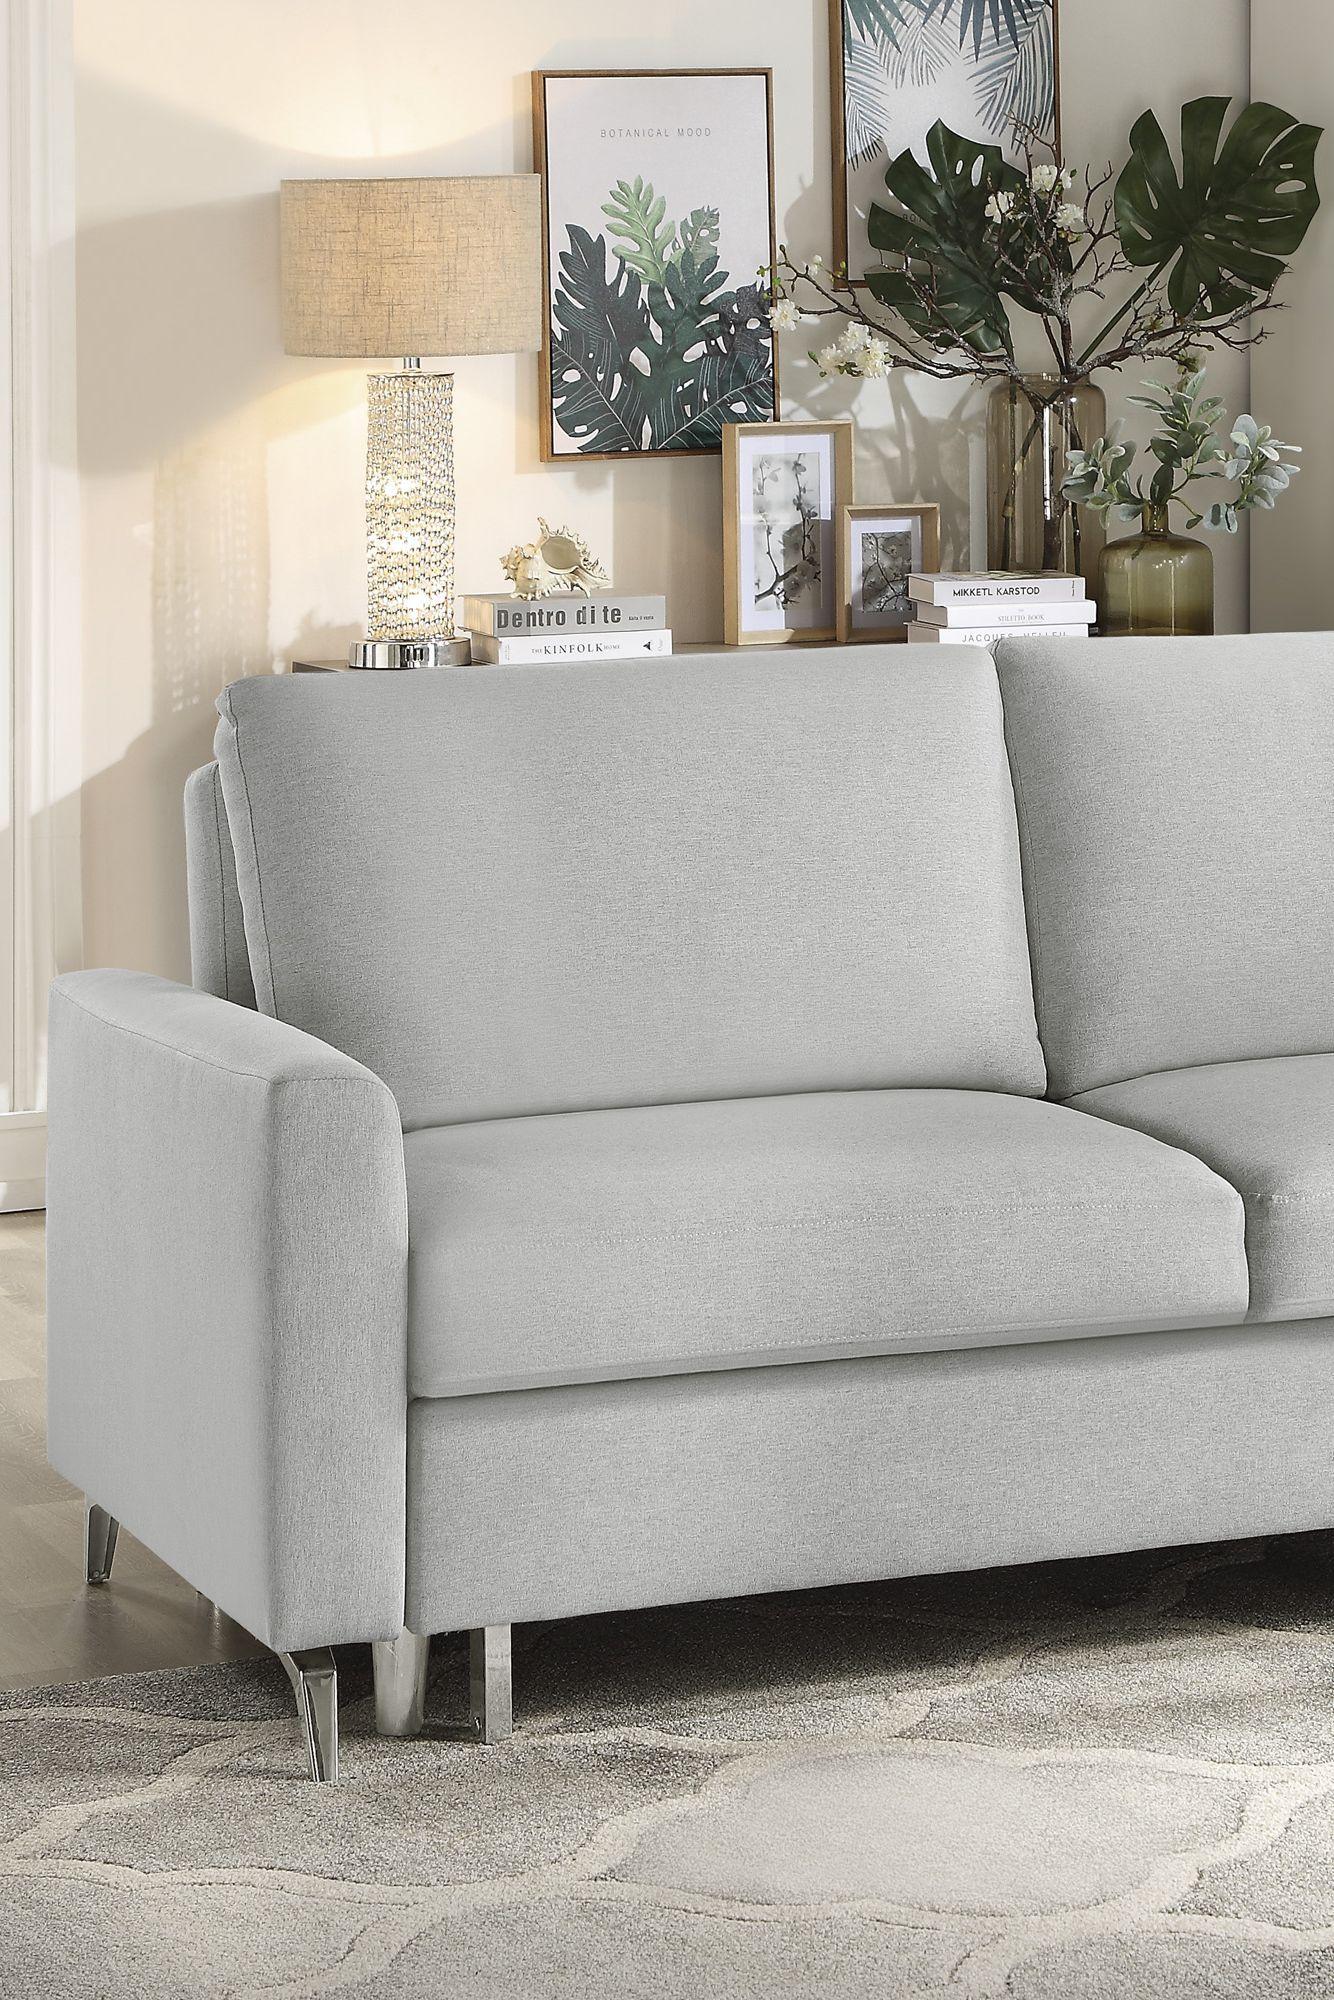 Croydon Futon Furniture Row In 2020 Rowe Furniture Futon Croydon